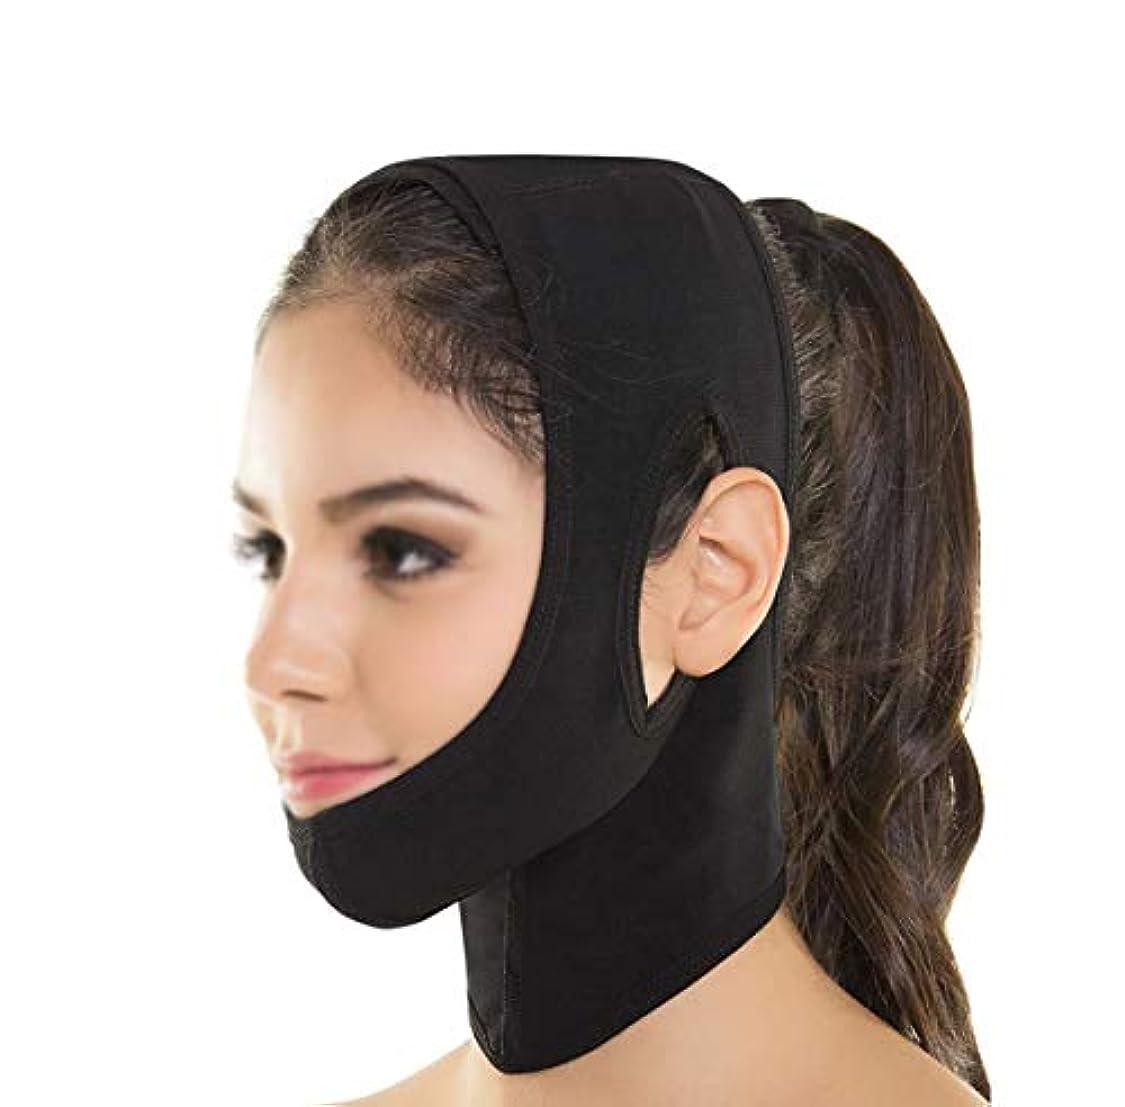 排除公式謎めいたGLJJQMY フェイシャルリフティングマスクシリコンVマスクリフティングマスクシンフェイスアーティファクトリフティングダブルチン術後包帯フェイシャル&ネックリフティング 顔用整形マスク (Color : Black)